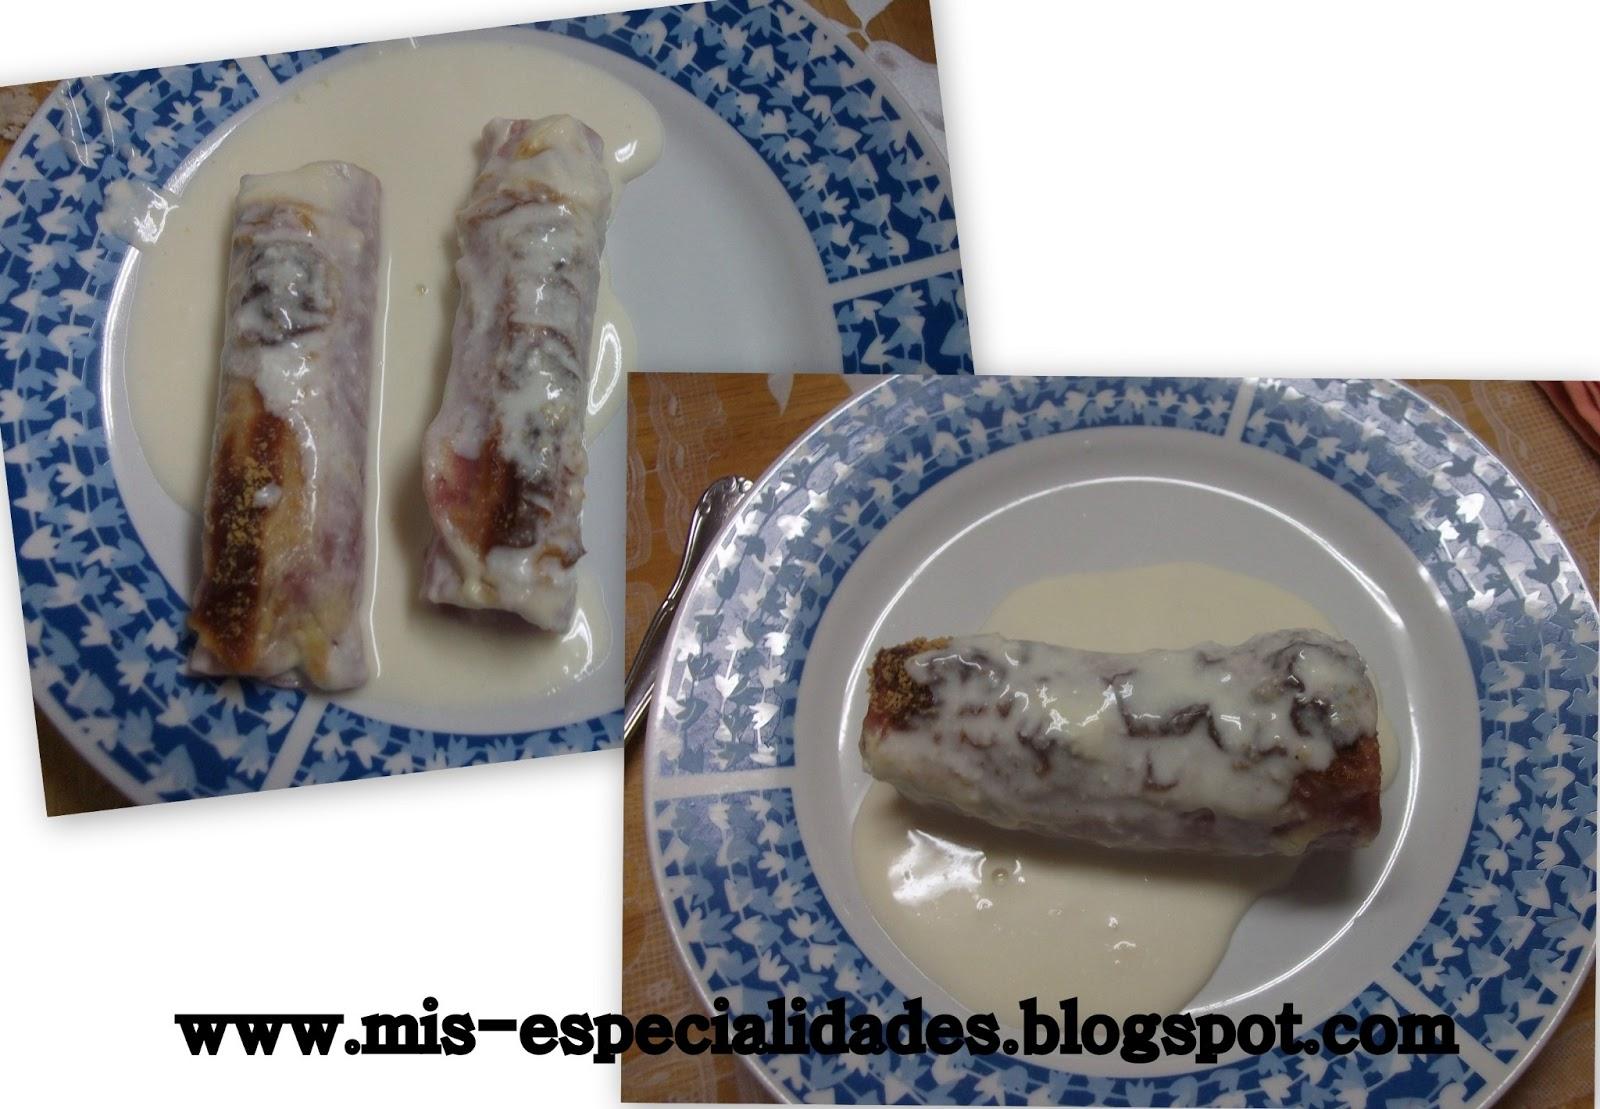 Mis especialidades puerros rellenos de jam n con bechamel - Bechamel con nata para cocinar ...